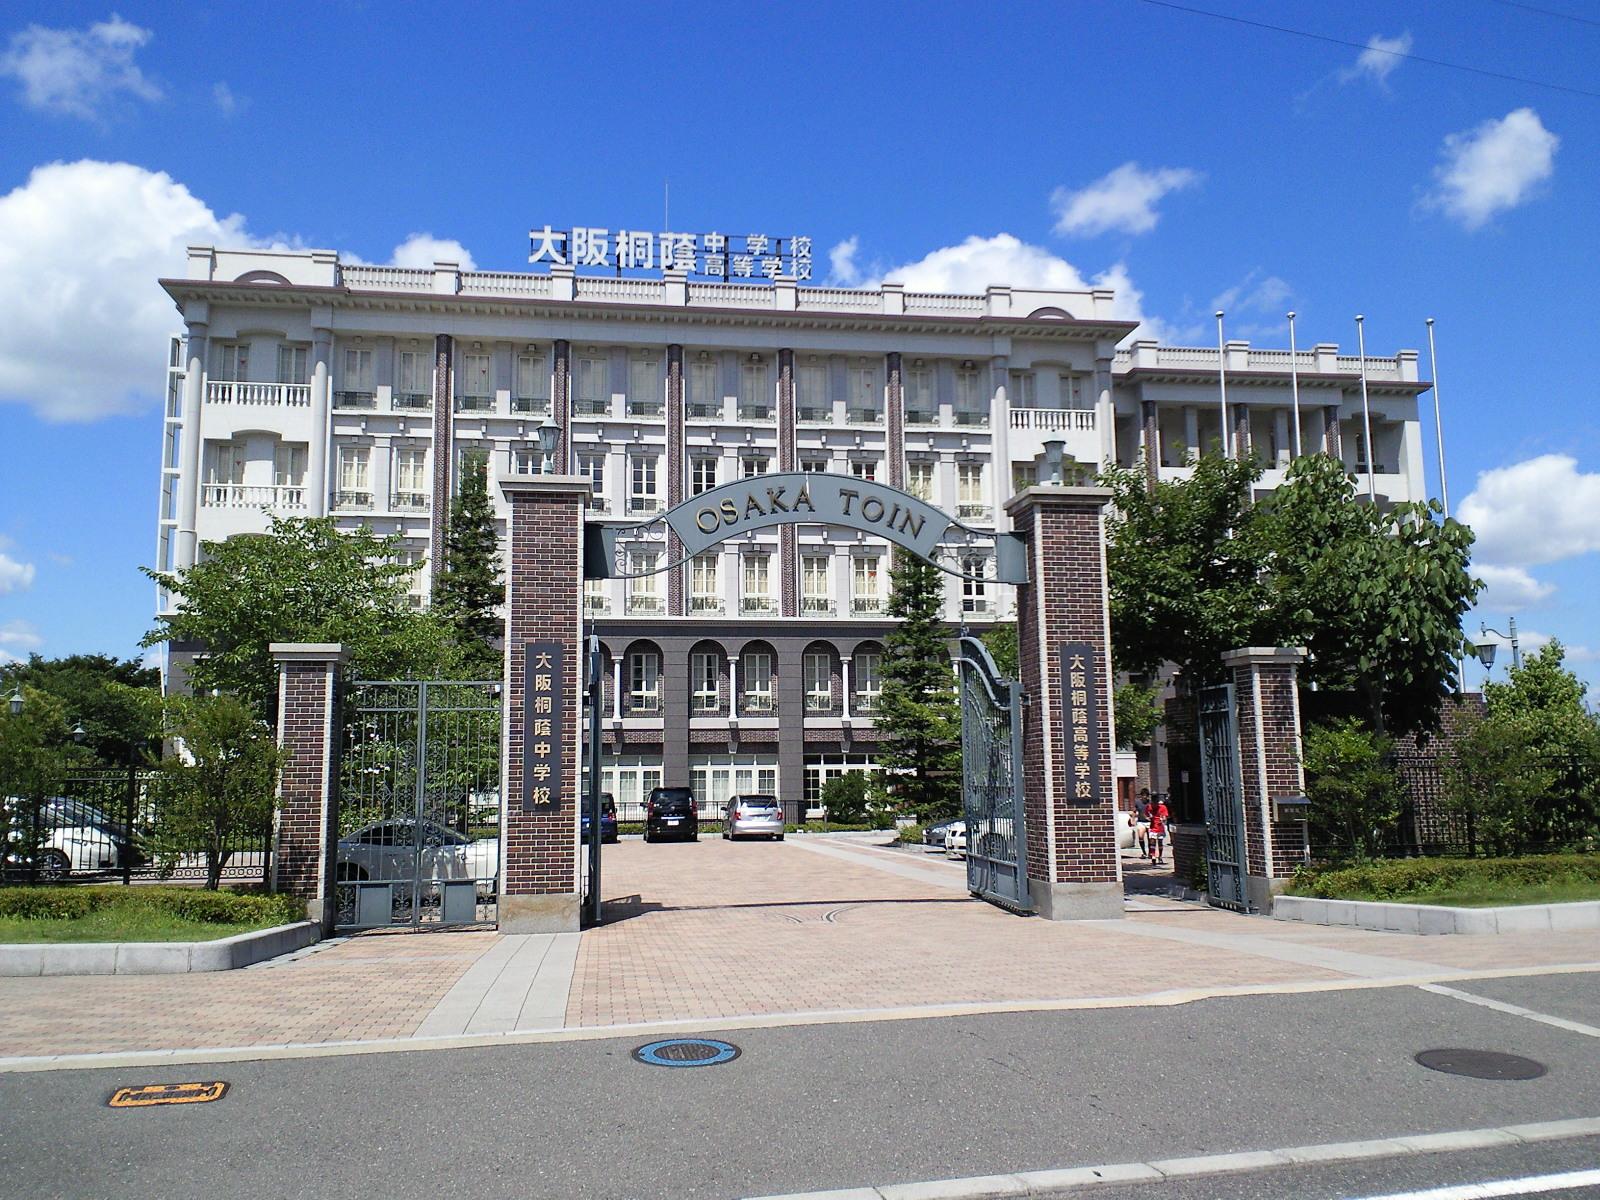 Osaka-Toin_HighSchool01.jpg